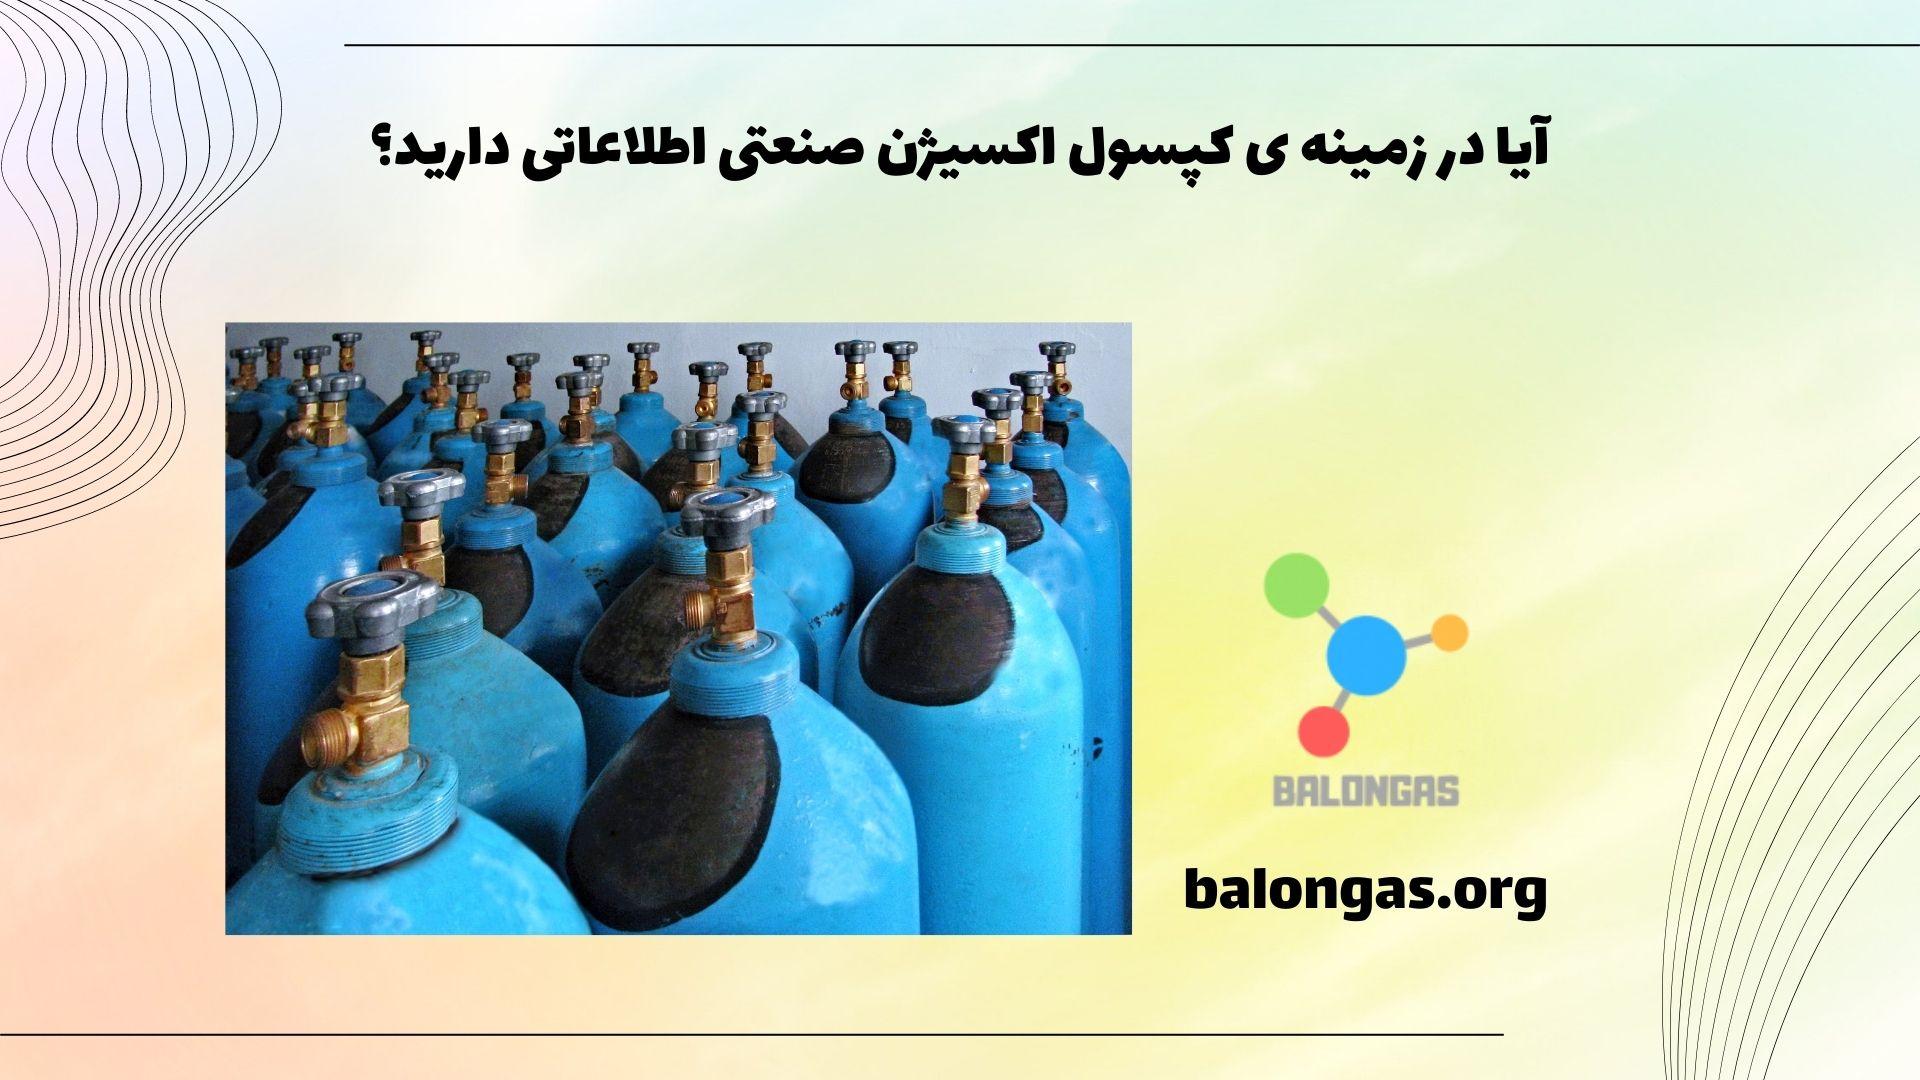 آیا در زمینه ی کپسول اکسیژن صنعتی اطلاعاتی دارید؟